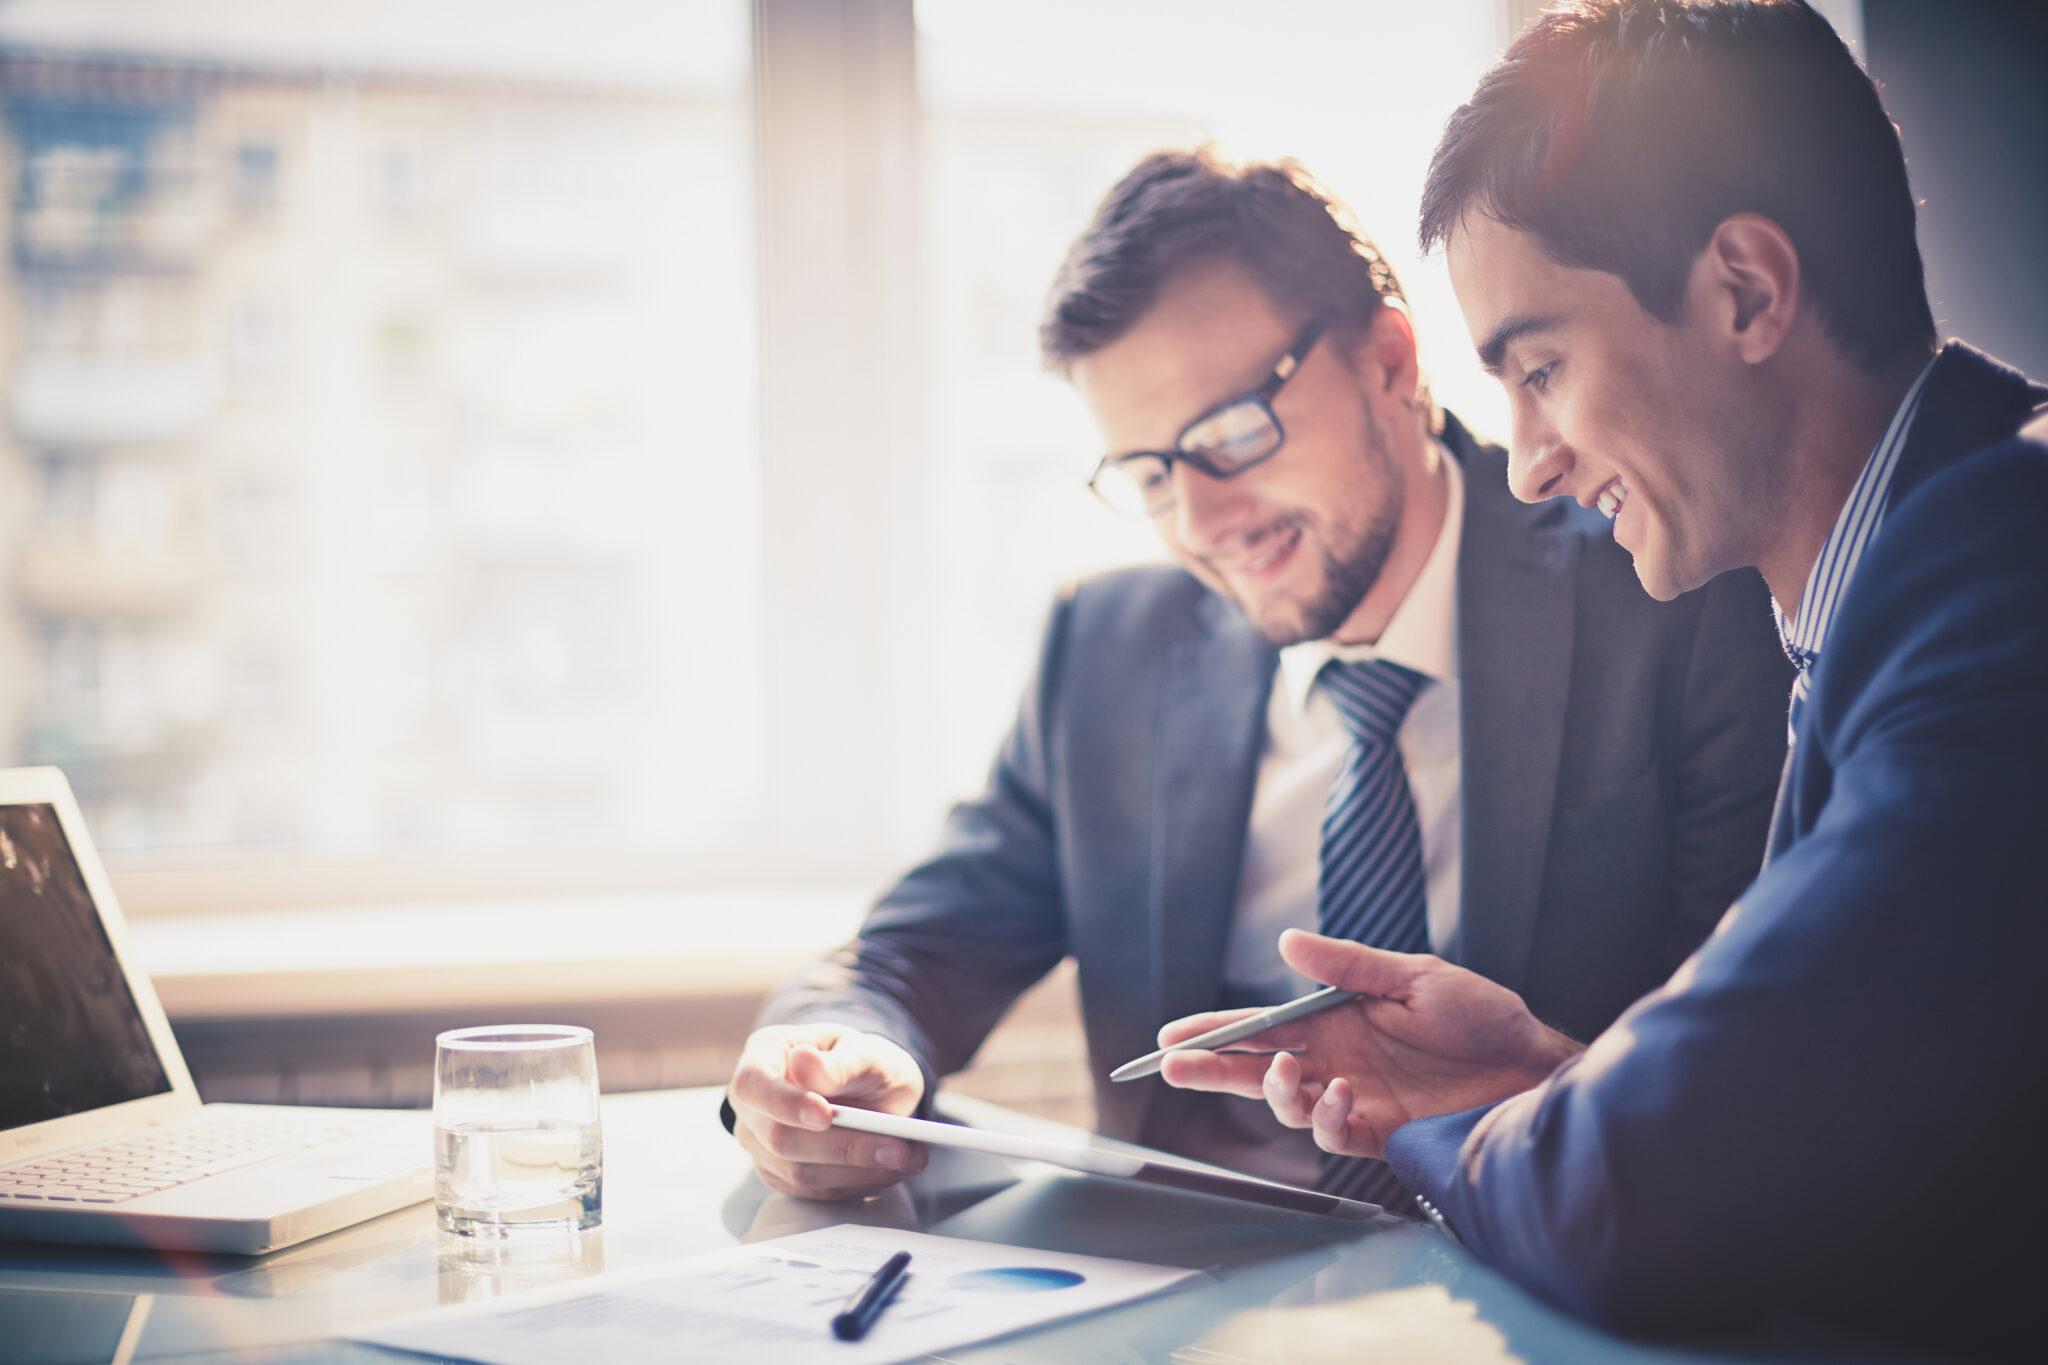 Zwei Männer reden miteinander und schauen auf ein Tablet.